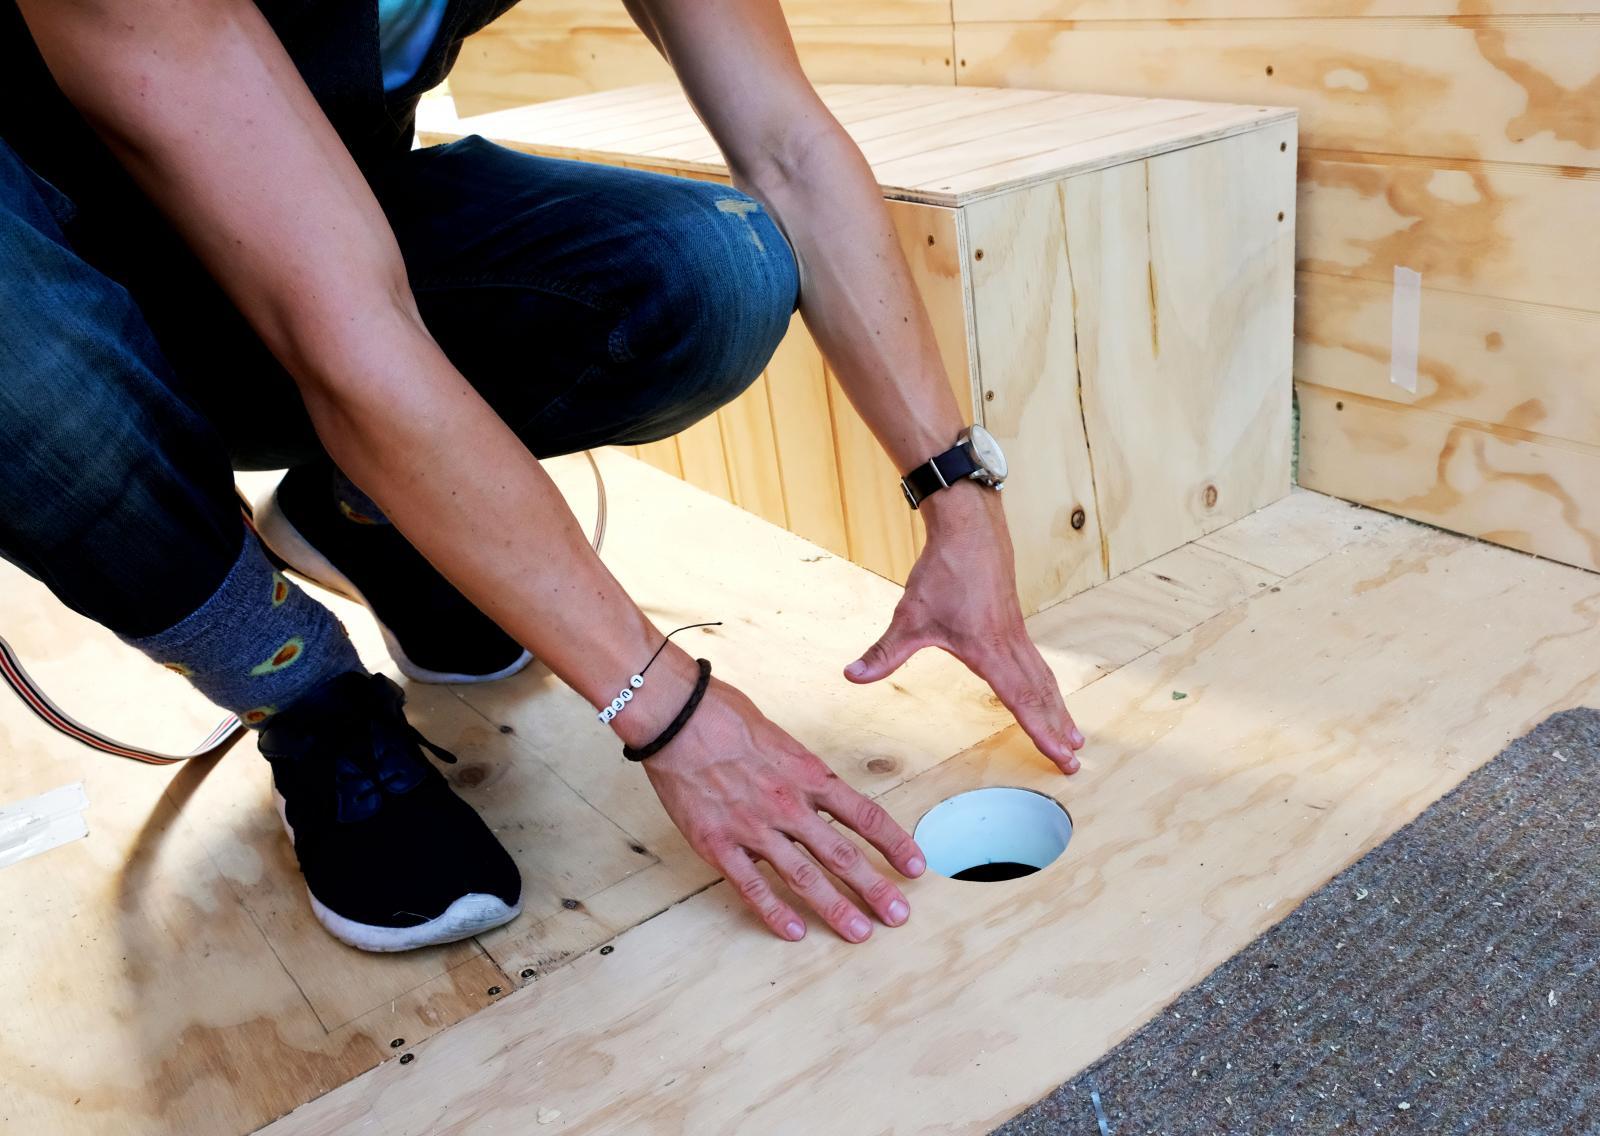 I hålet planerar Patrik att sätta en temperaturstyrd fläkt som suger in luft och därmed reglerar luften i bodelen.